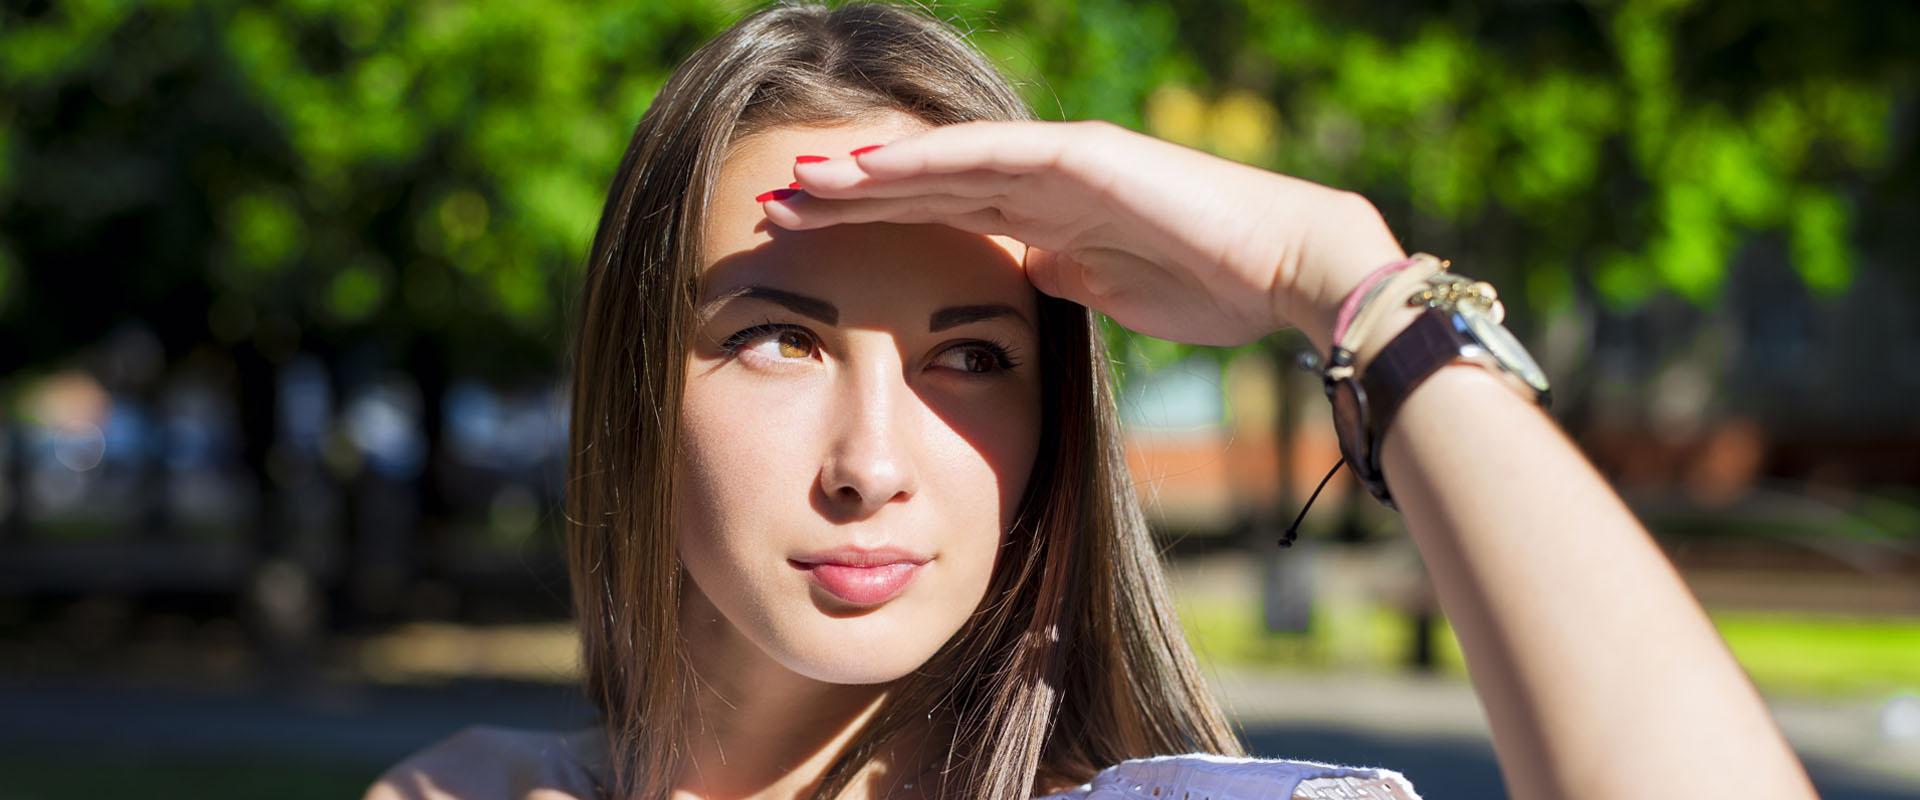 Cómo proteger mis ojos de los rayos UV